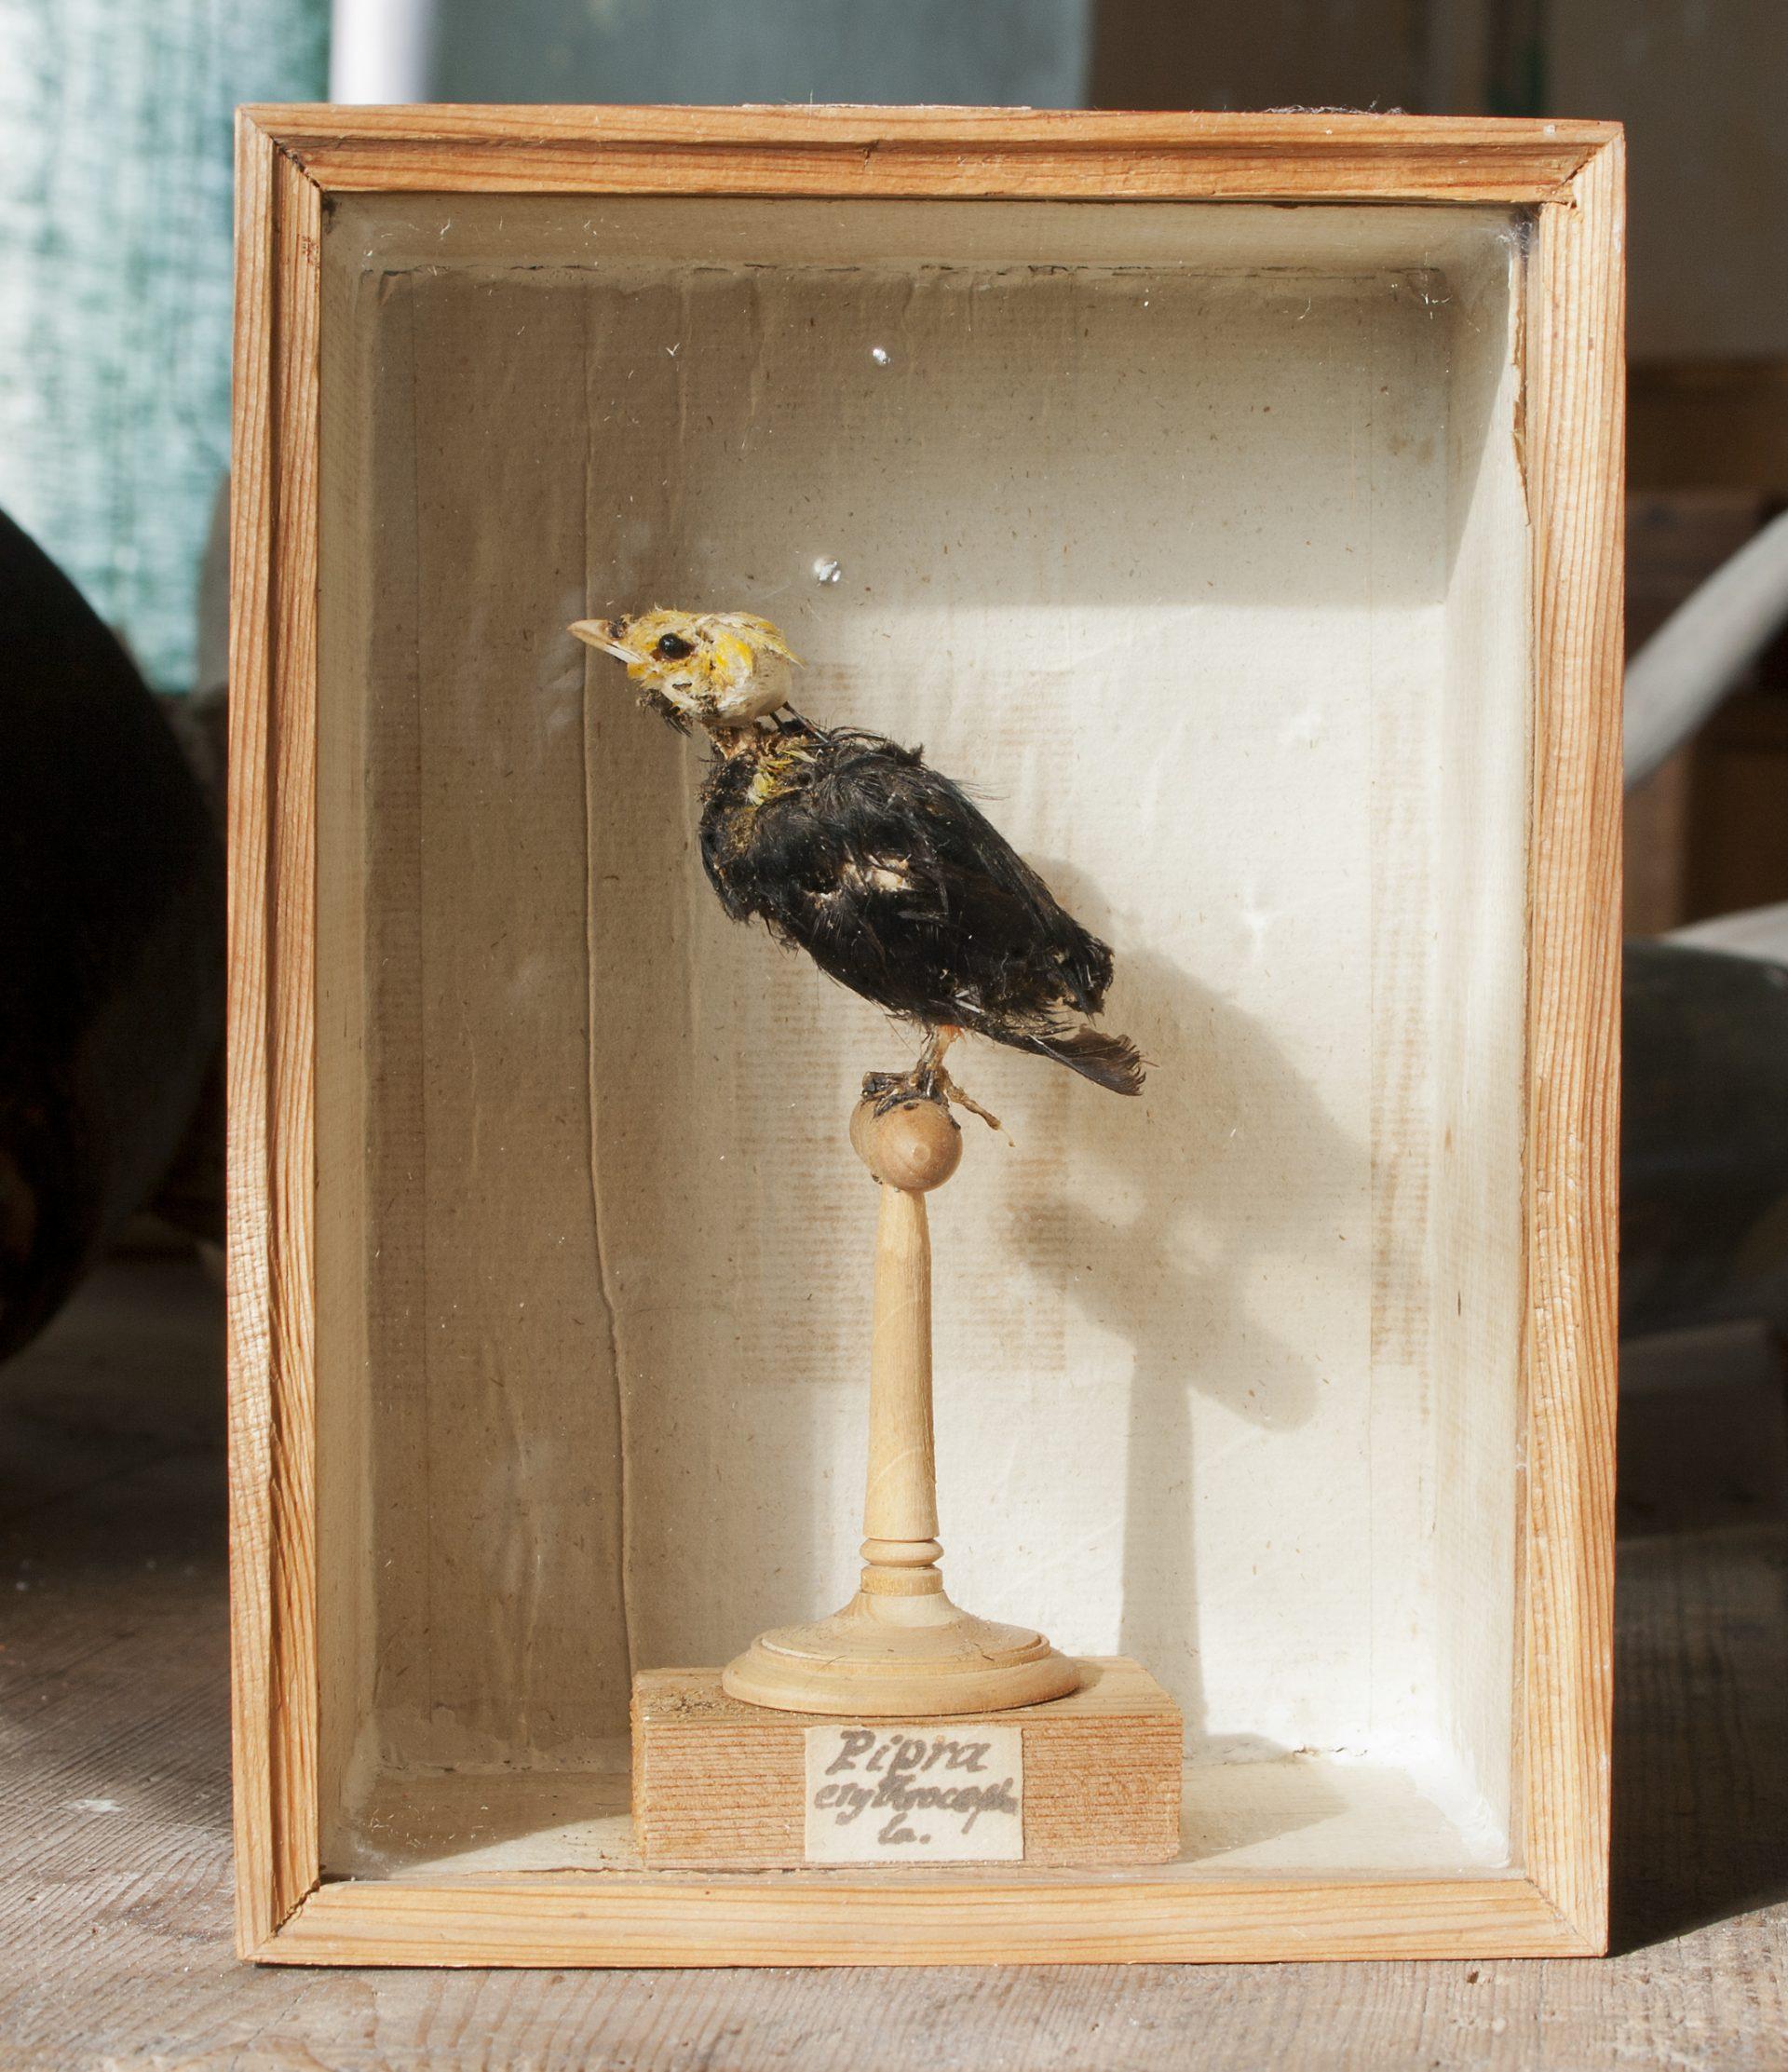 En skabbig uppstoppad fågel i en låda.